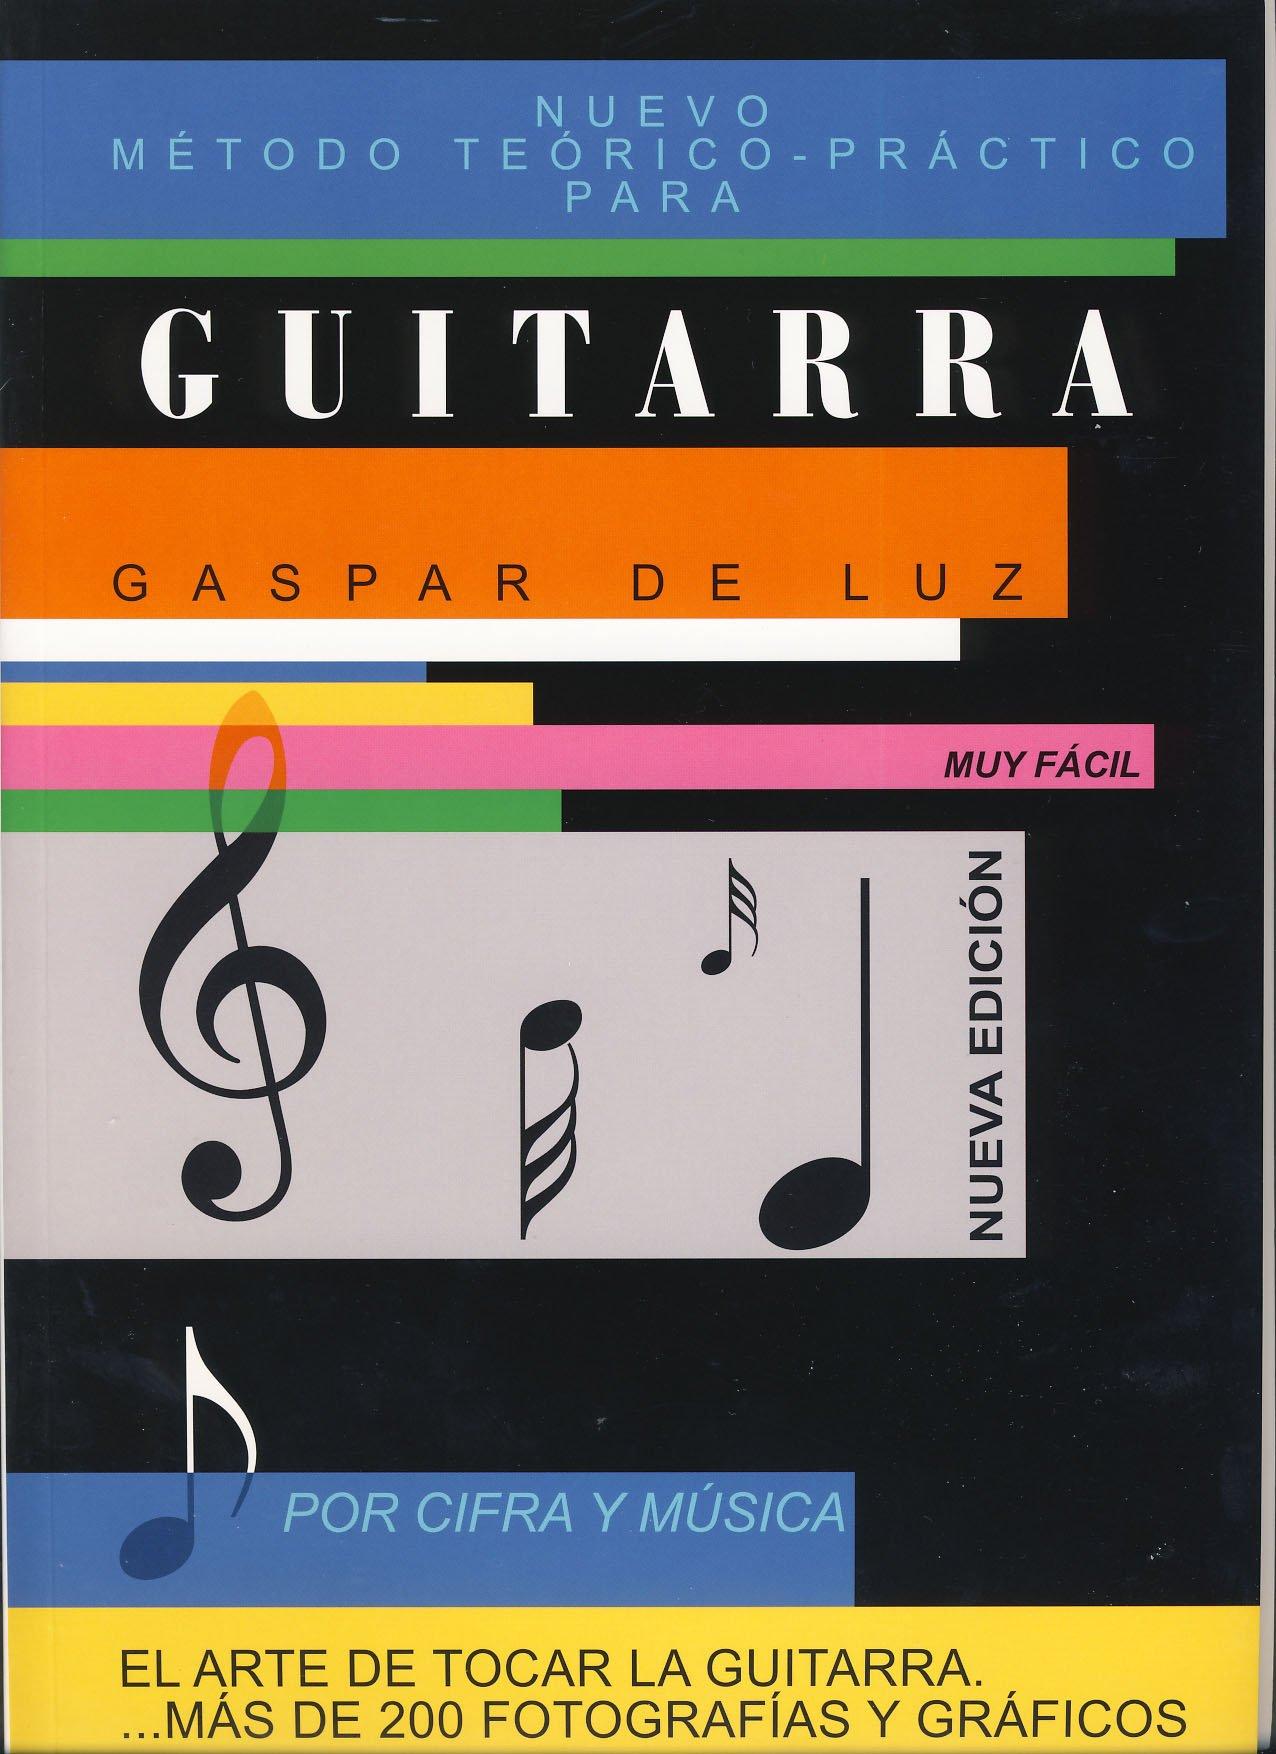 GASPAR DE LUZ - Metodo Musica y Cifra para Guitarra Nueva Edicion ...